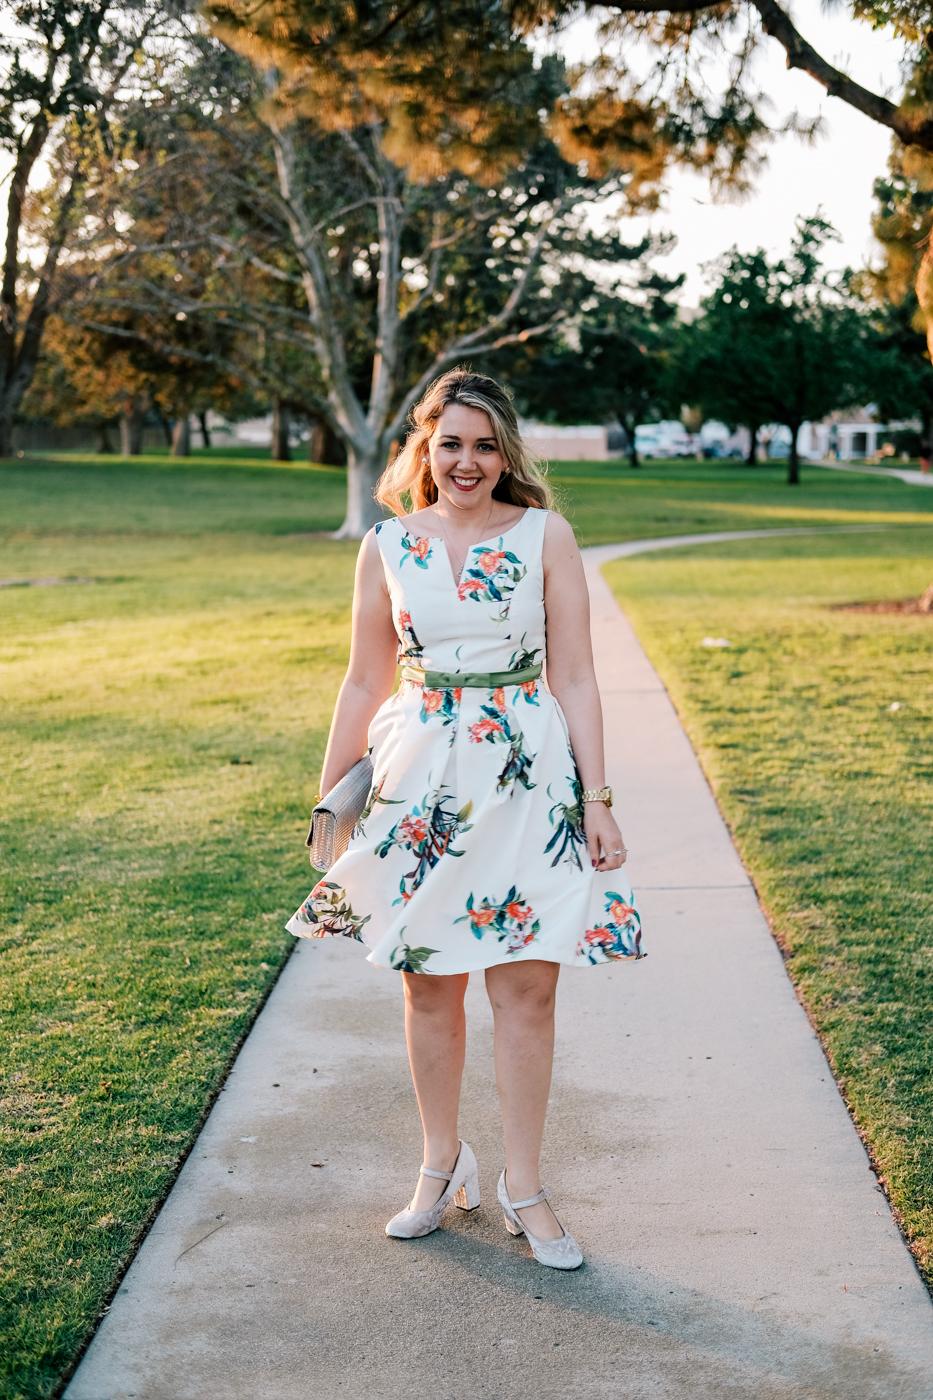 Debora Dahl, vestido com estampa florido, fundo branco